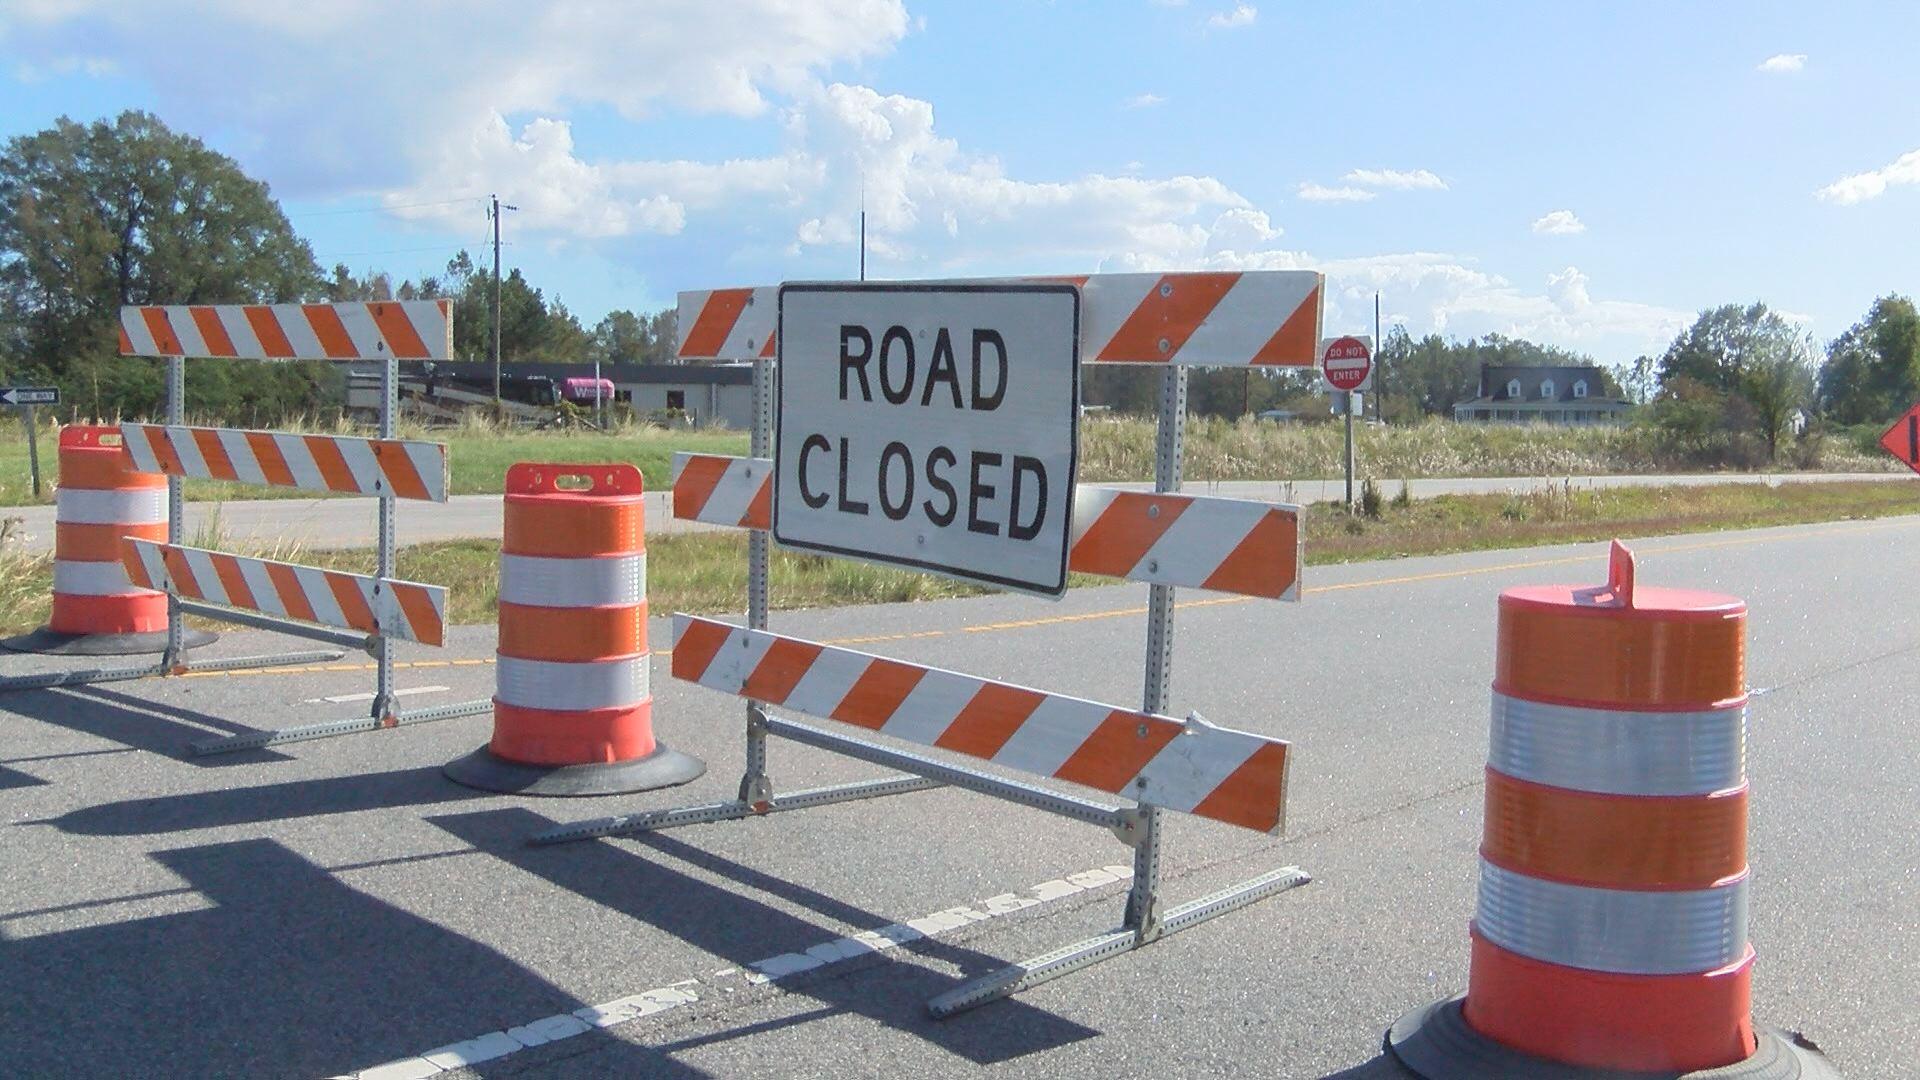 road-closure-zs_287554